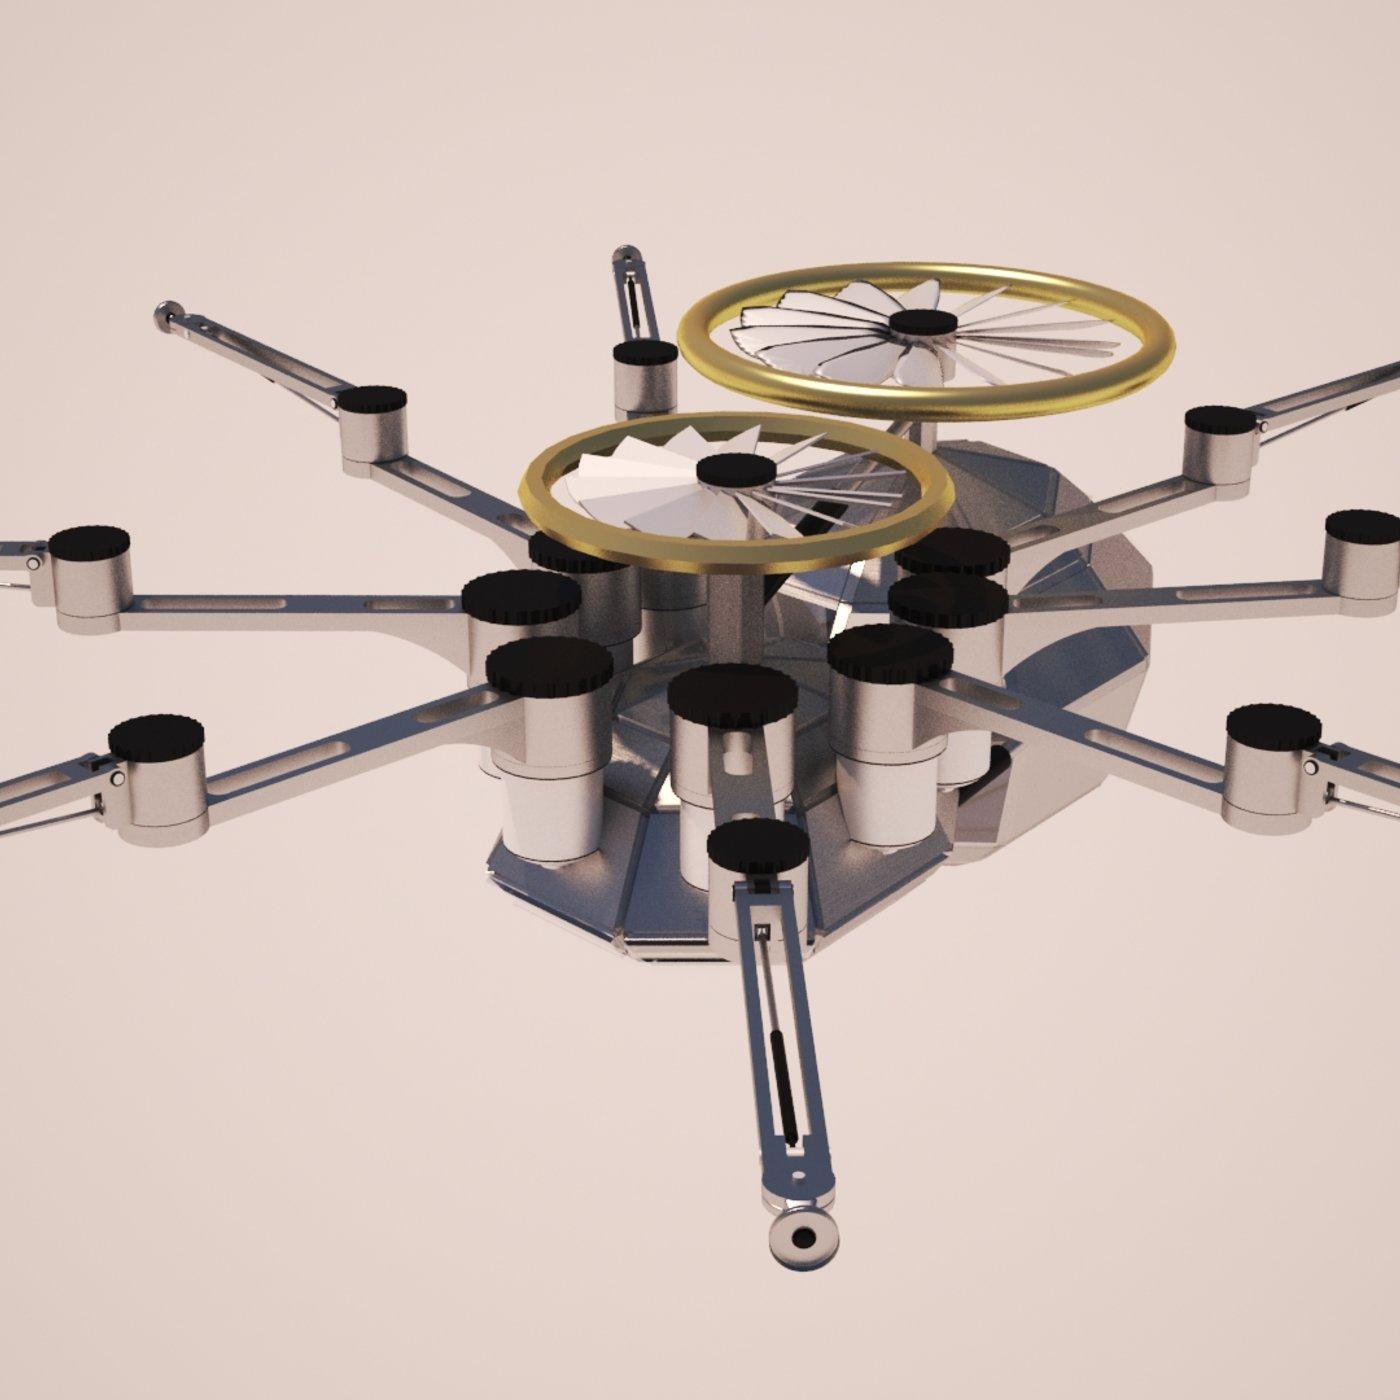 Spider Dron